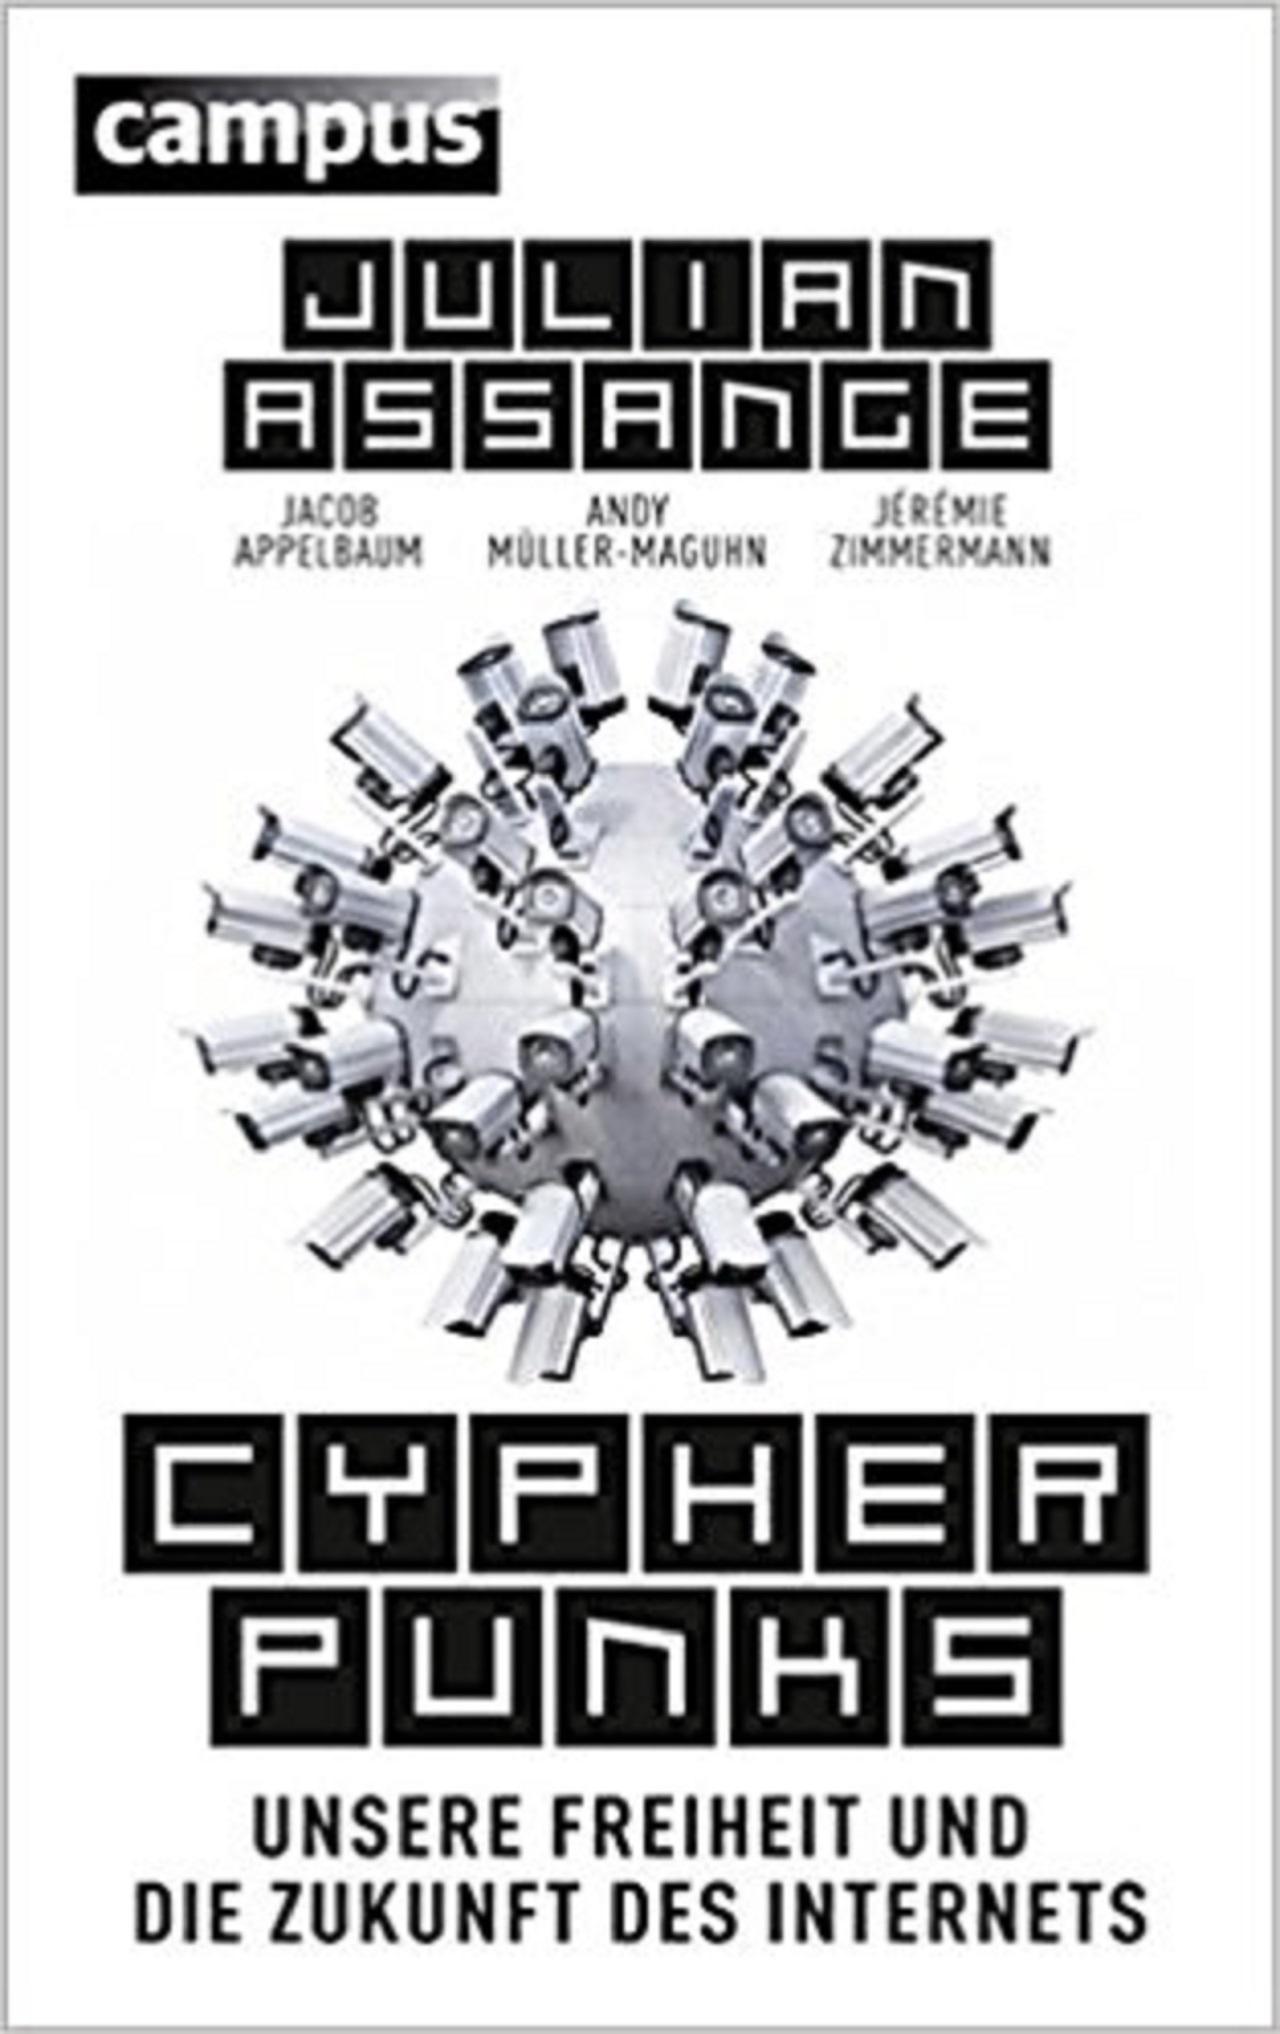 """Buch von Julian Assange: """"Cypherpunk"""", Campus"""